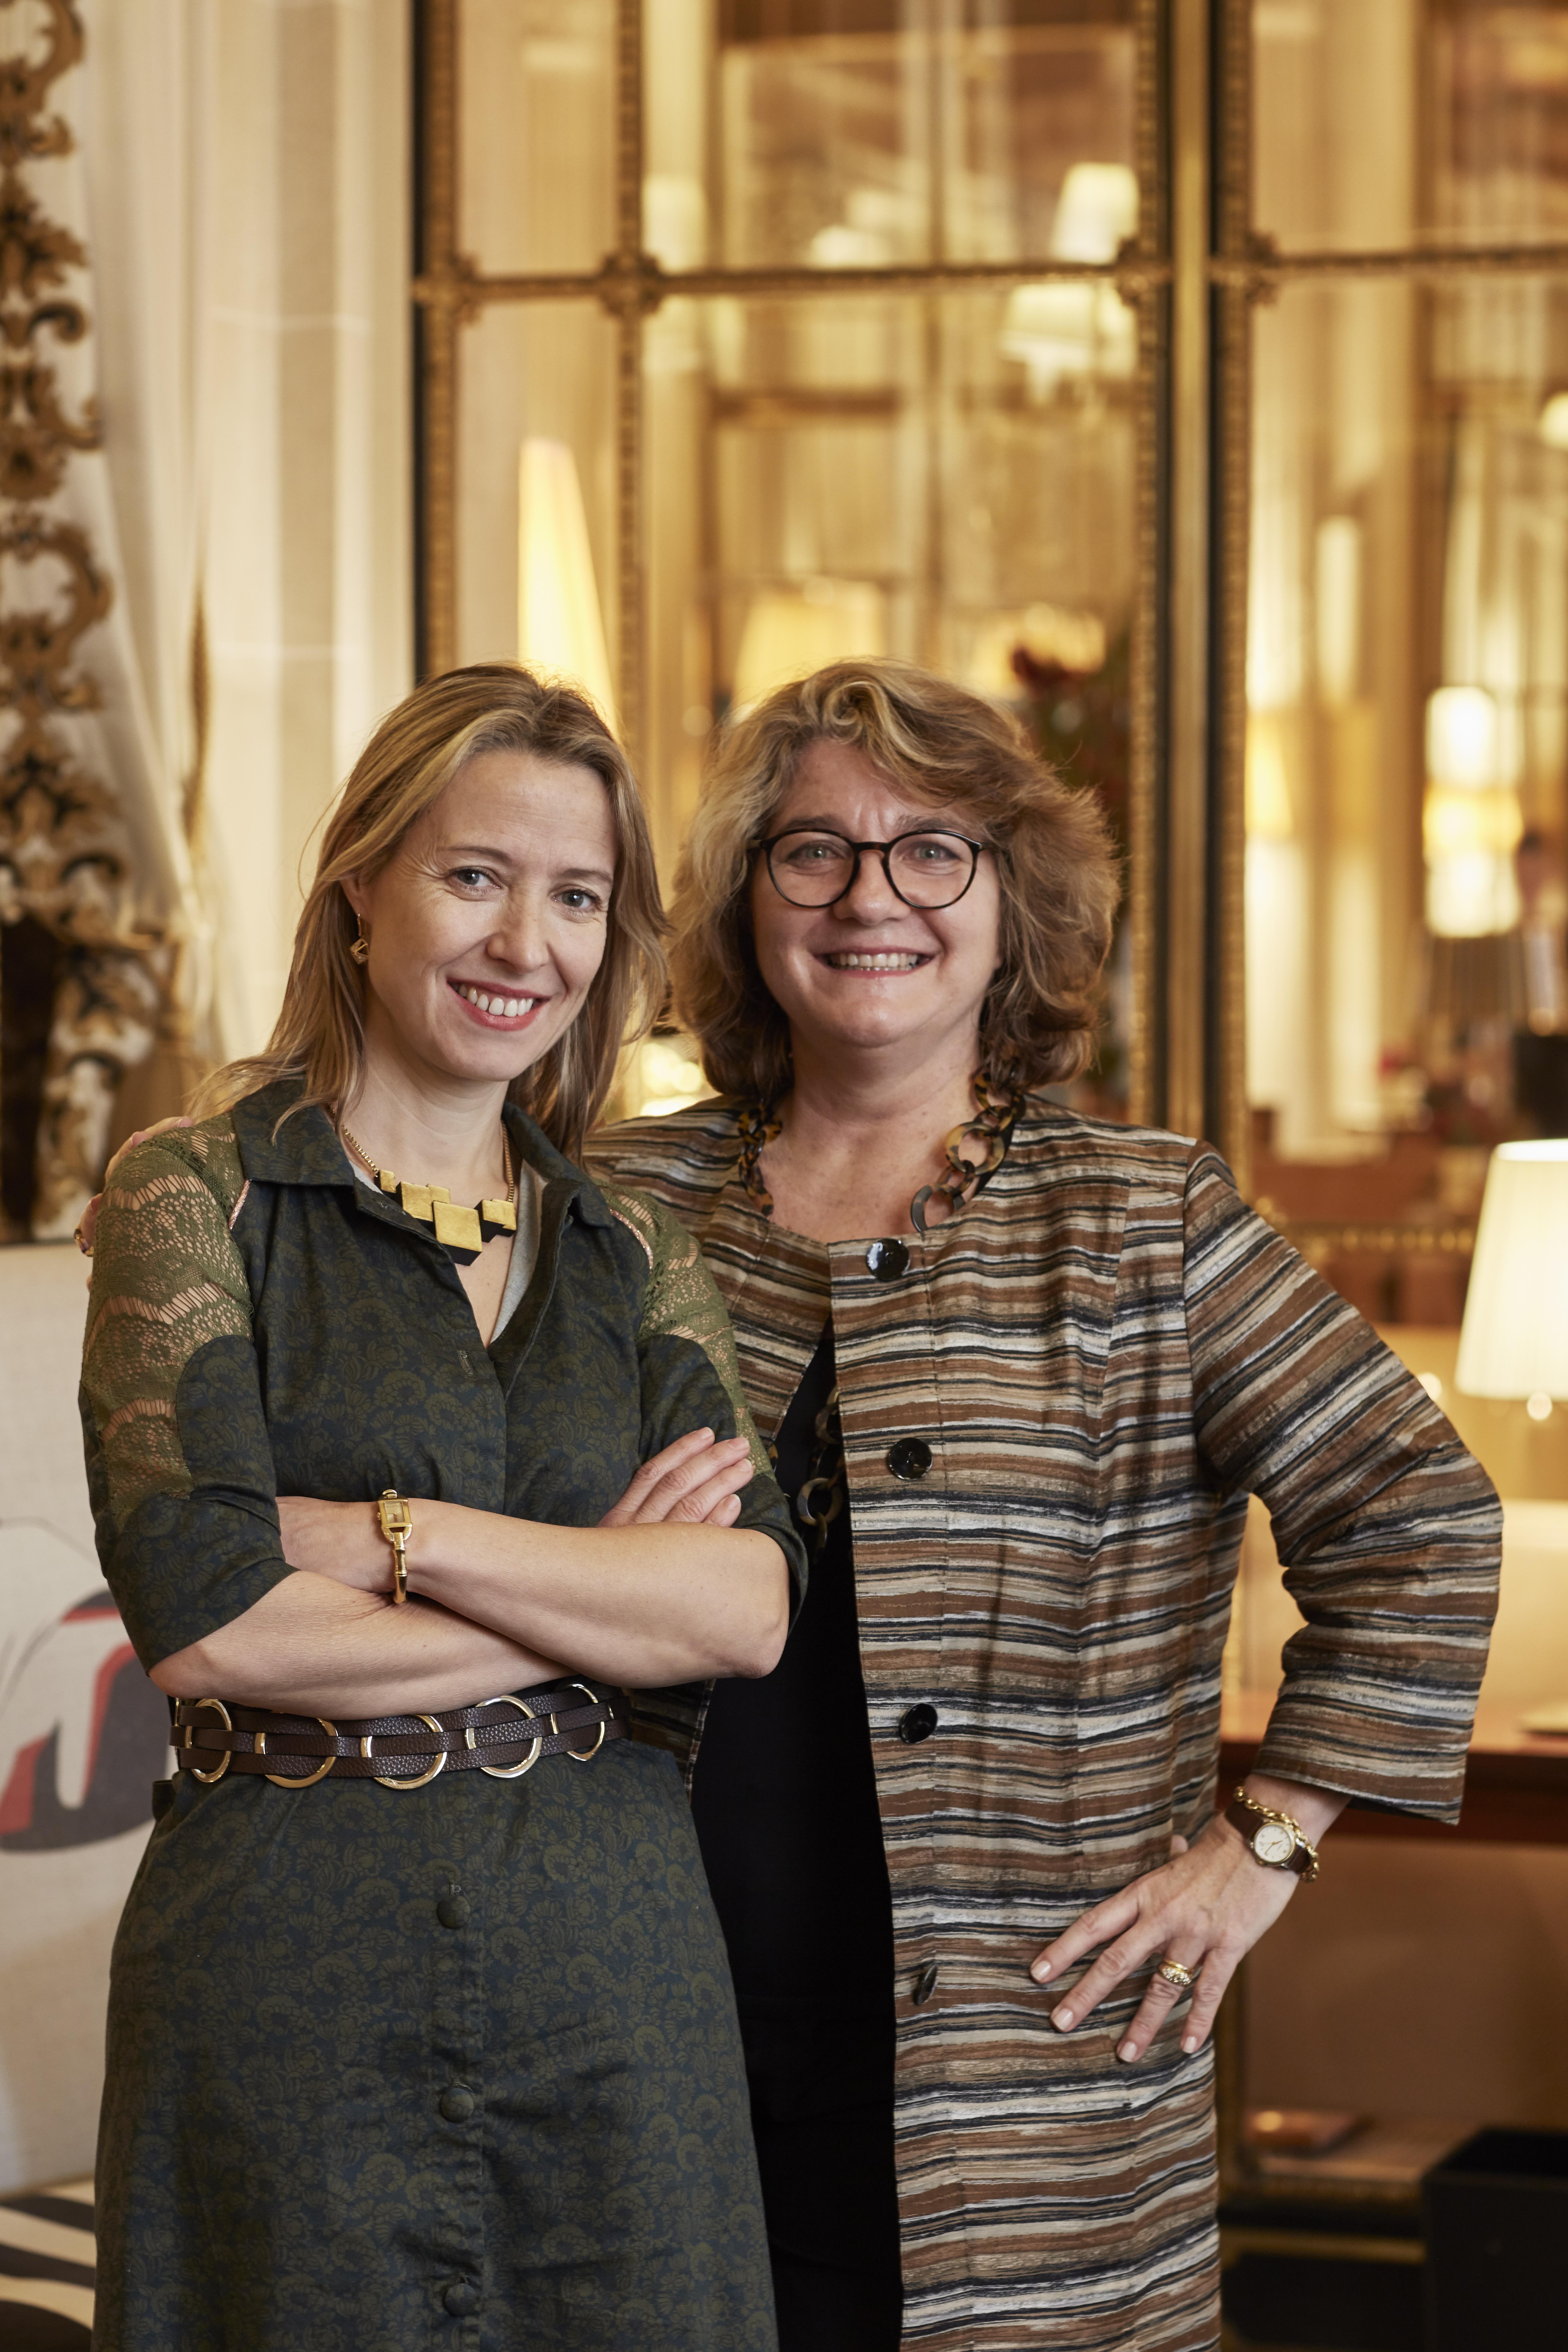 Marie-Bérangère Gosserez et Florence Guillier-Bernard au Meurice, Paris. Photo : Thierry Depagne